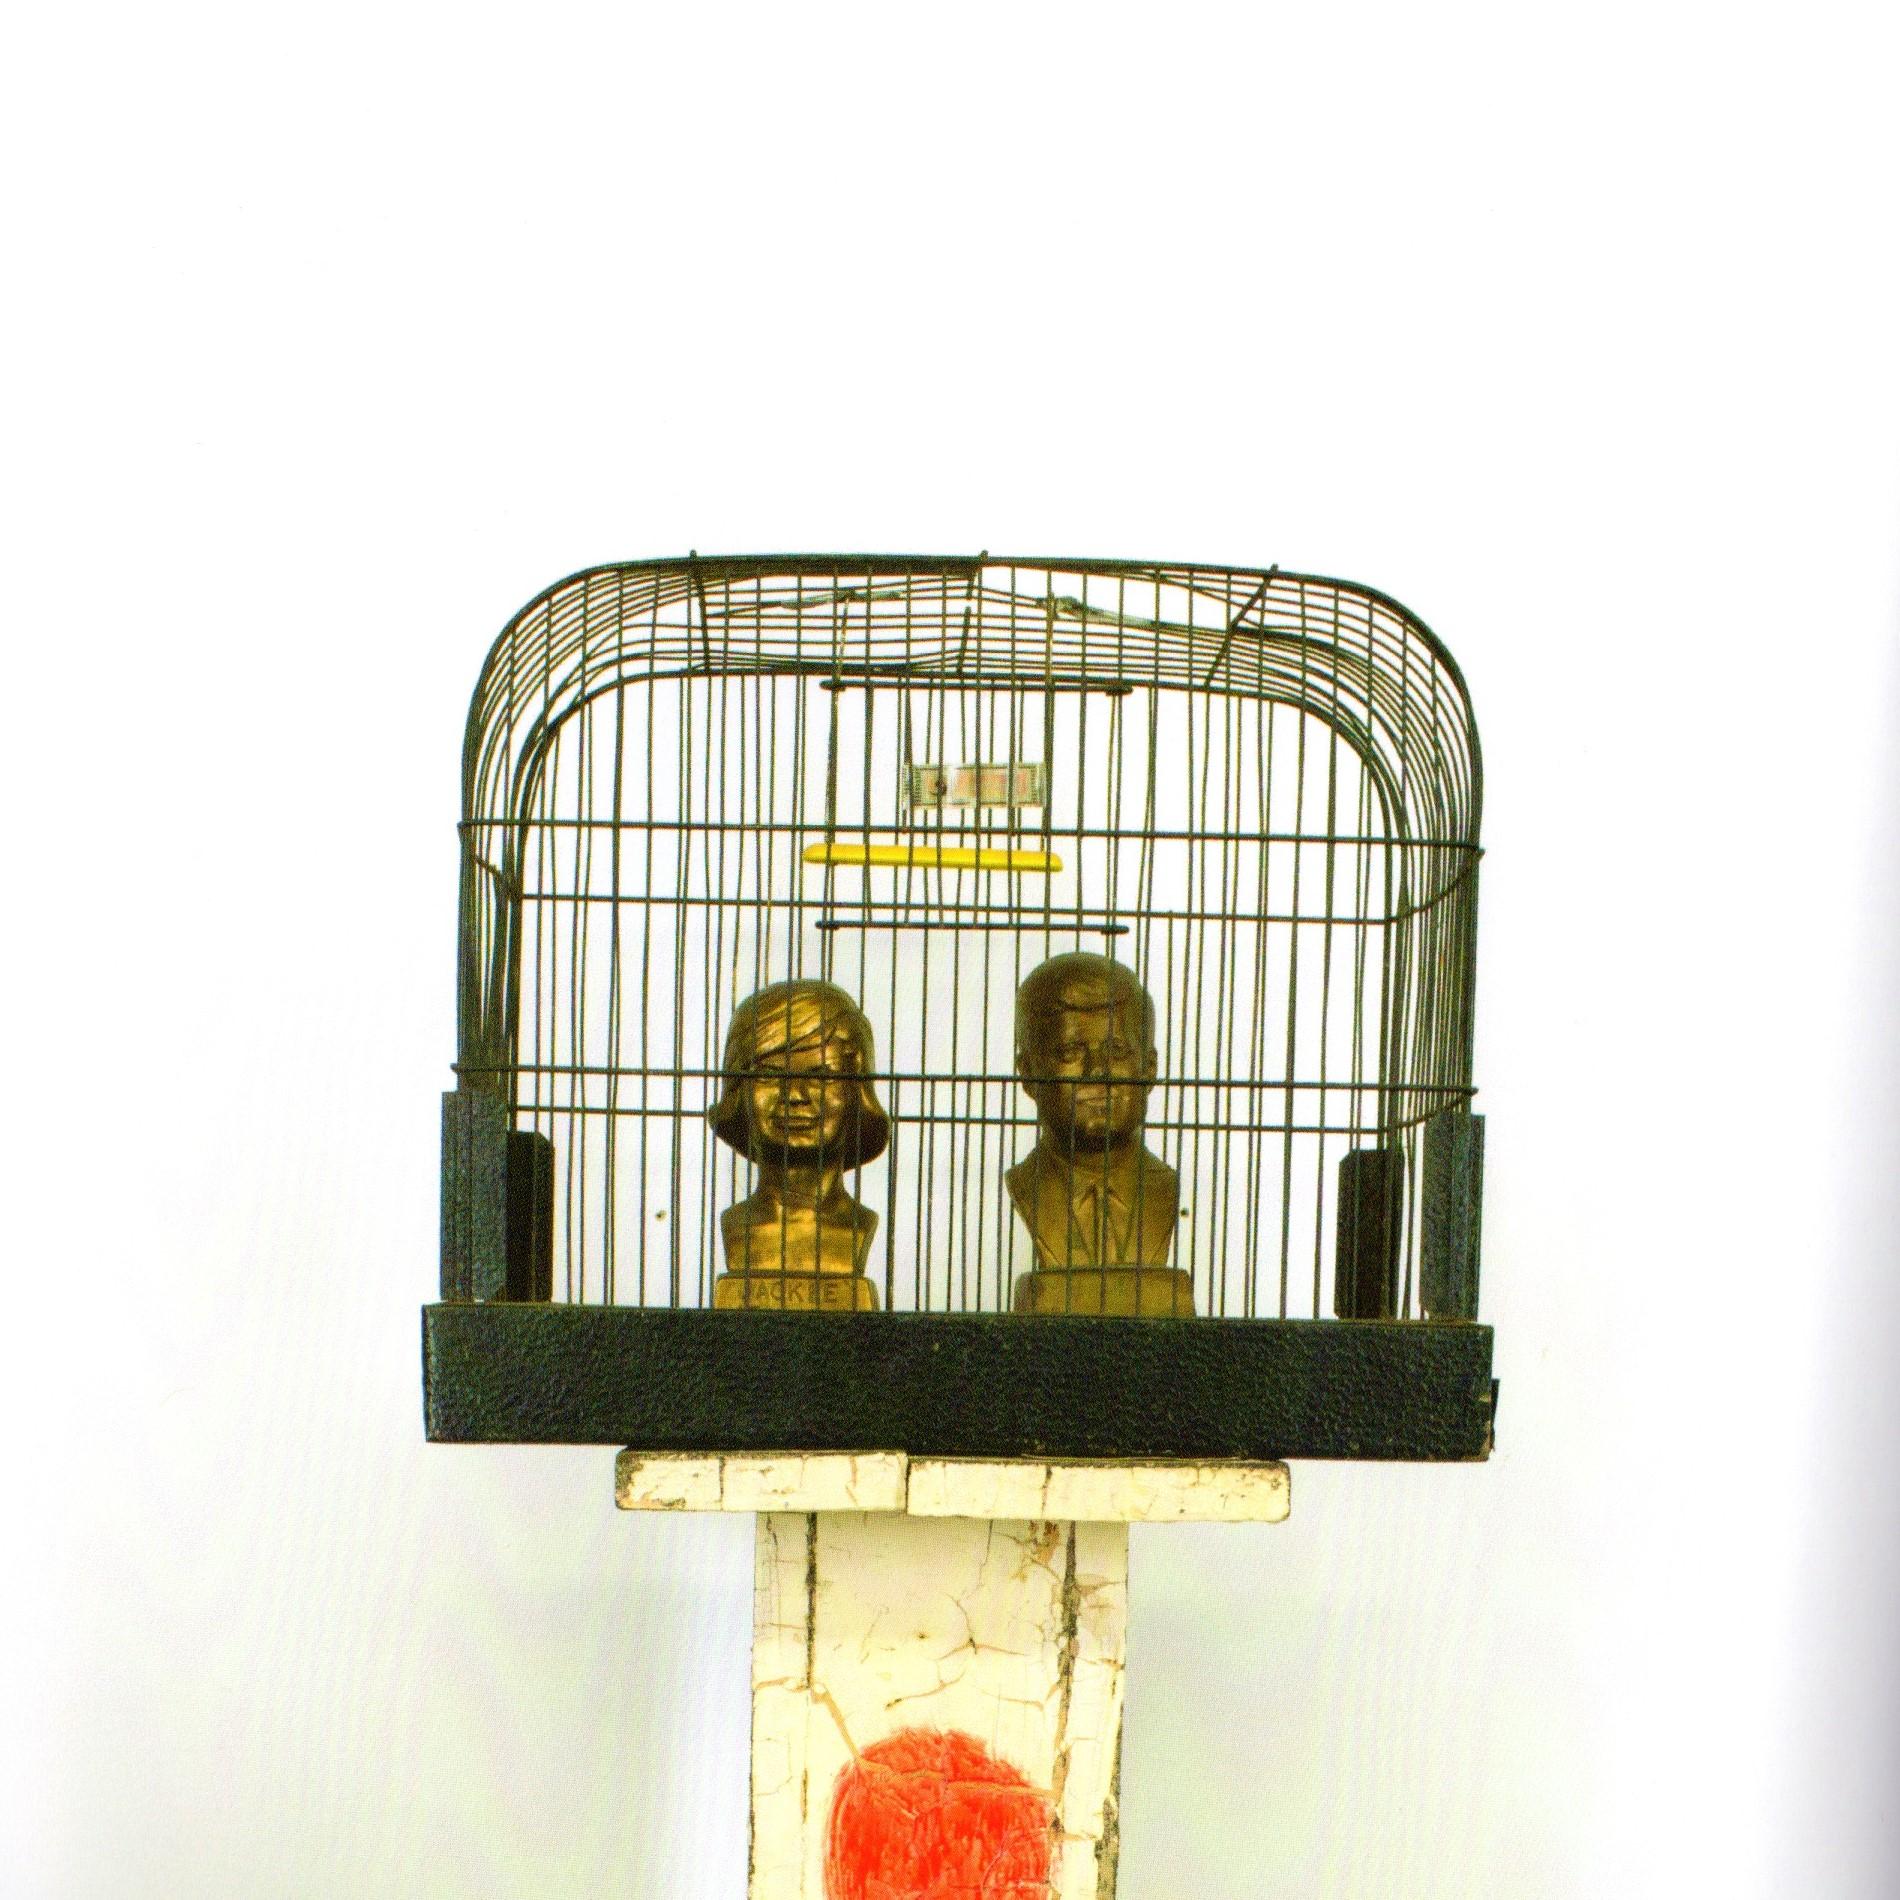 Cage series 3.jpg